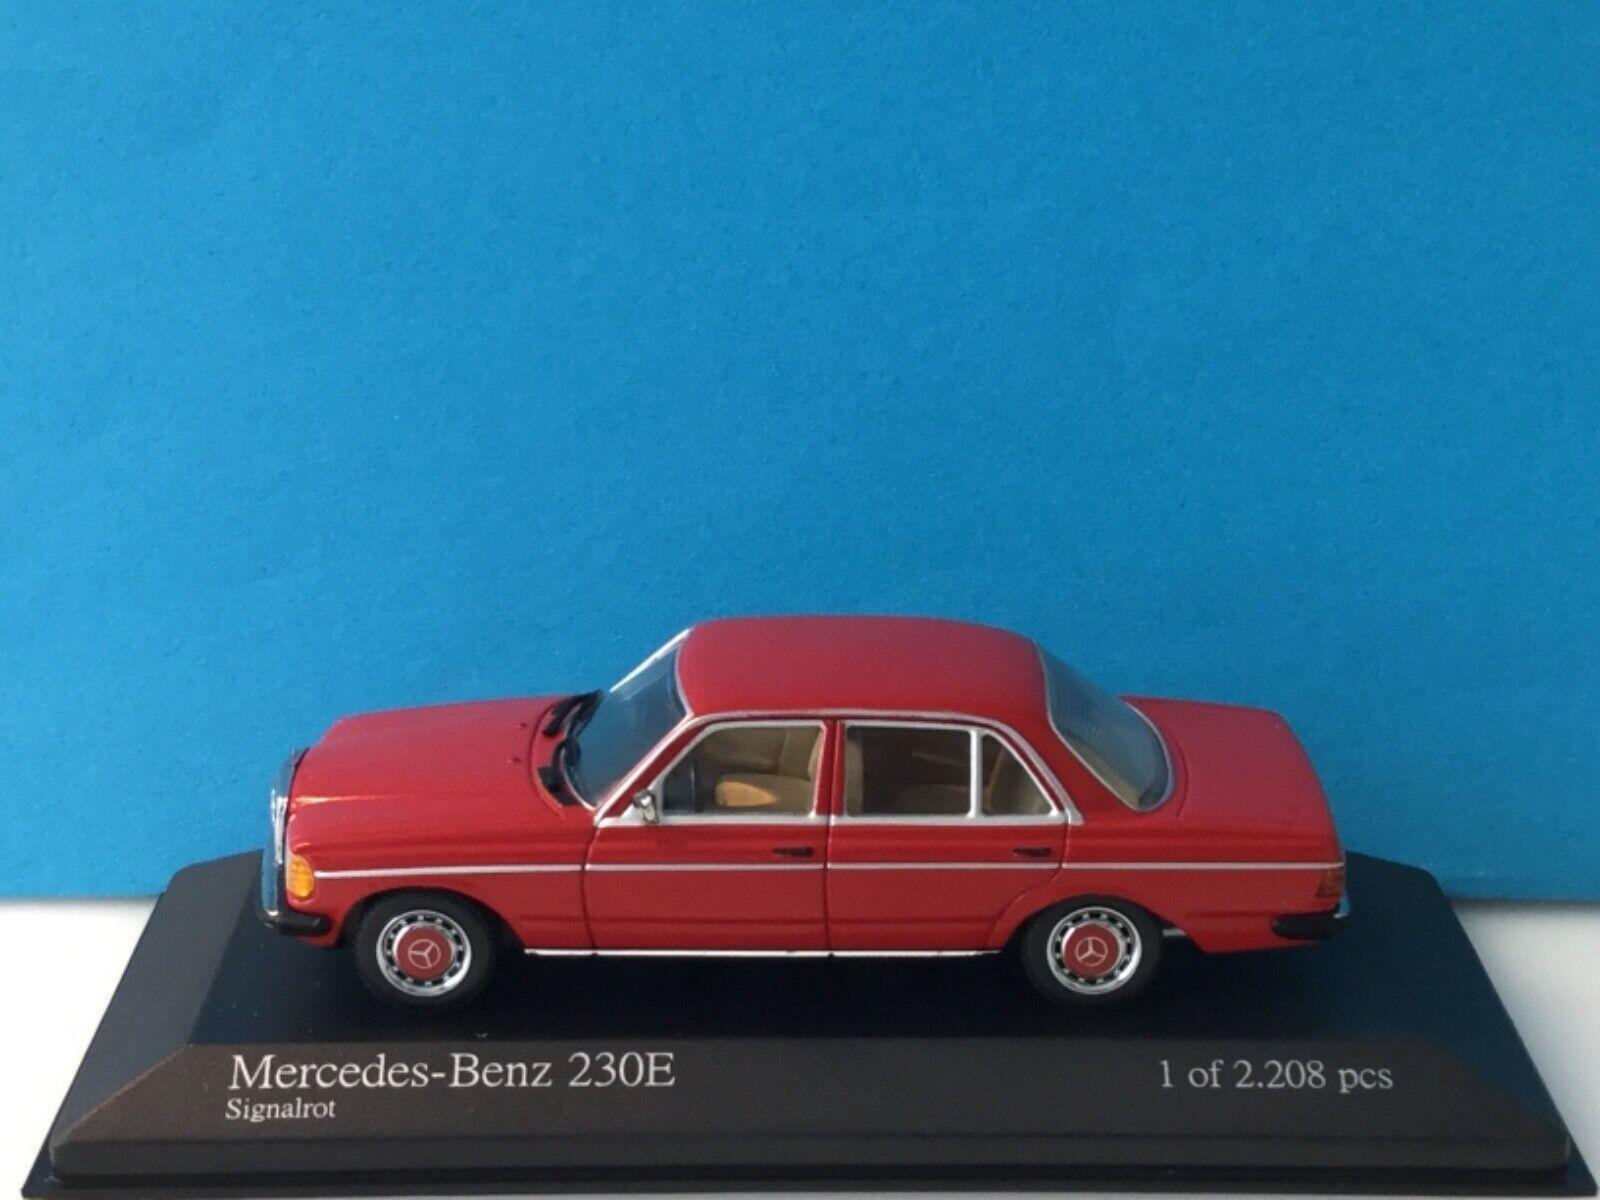 Minichamps 1:43 Mercedes-Benz 230 E 1976 Red Modell Nr. 430 032206